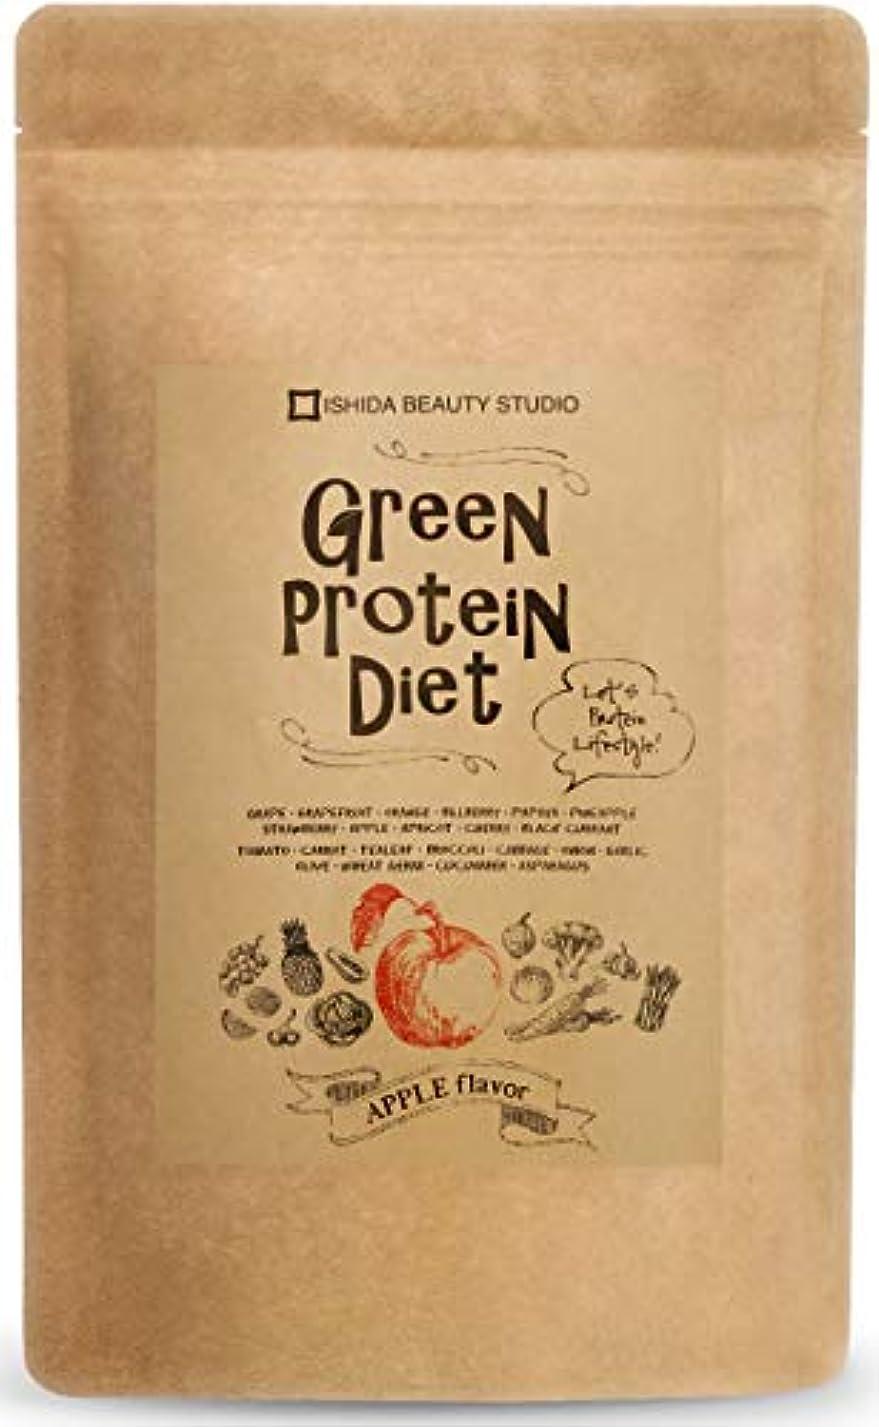 合併症練るミリメーターグリーン プロテイン ダイエット シェイク 置き換え スムージー 美容成分配合 無添加 アップル 100g